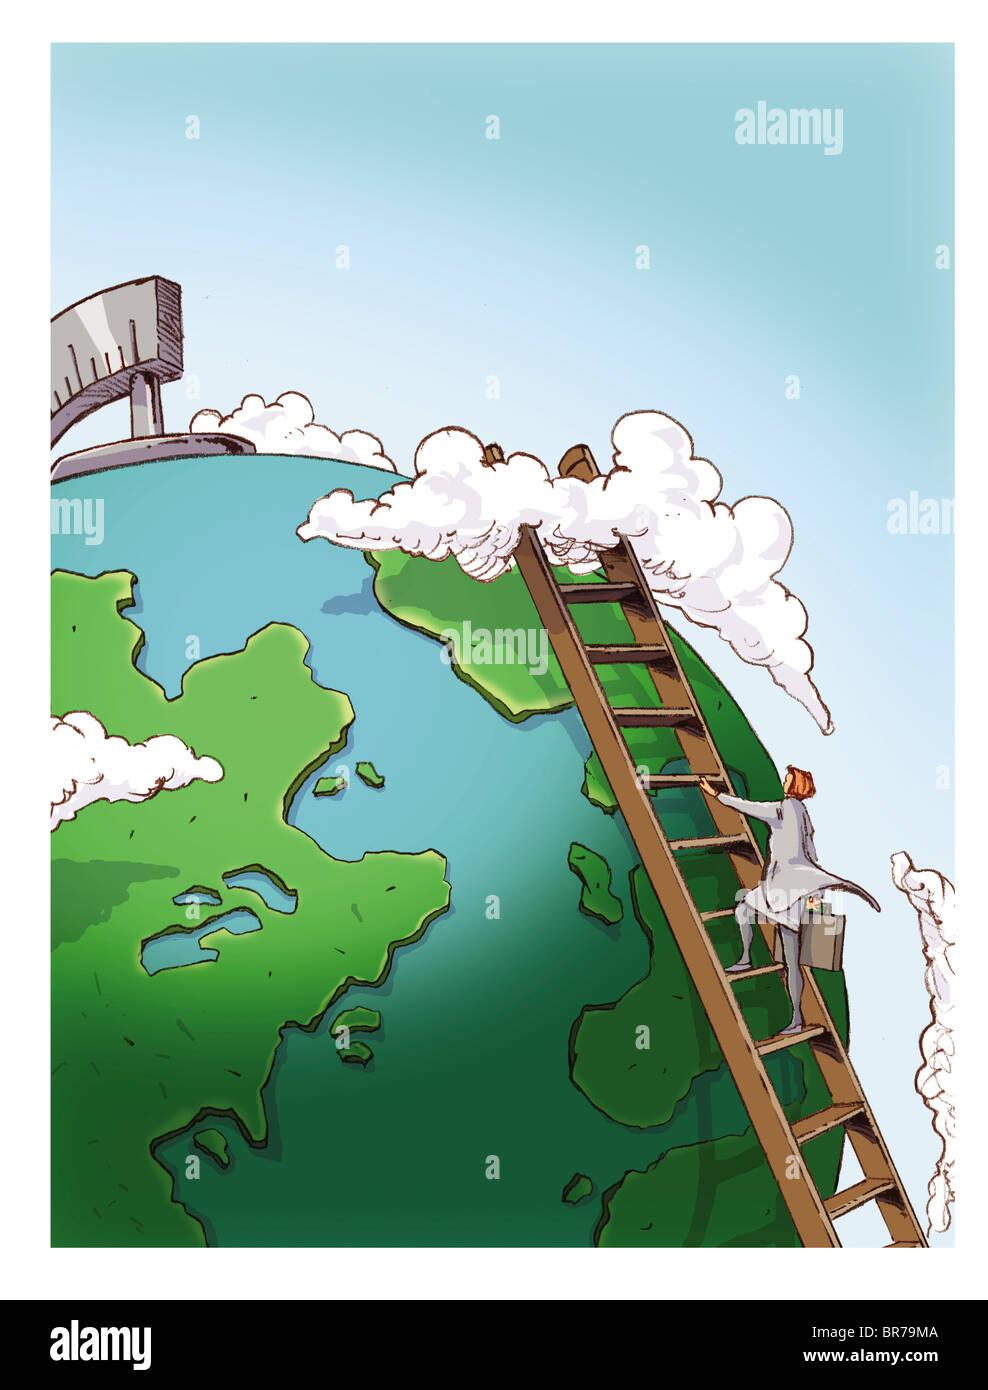 La empresaria subiendo una escalera para subir a la cima del mundo Foto de stock